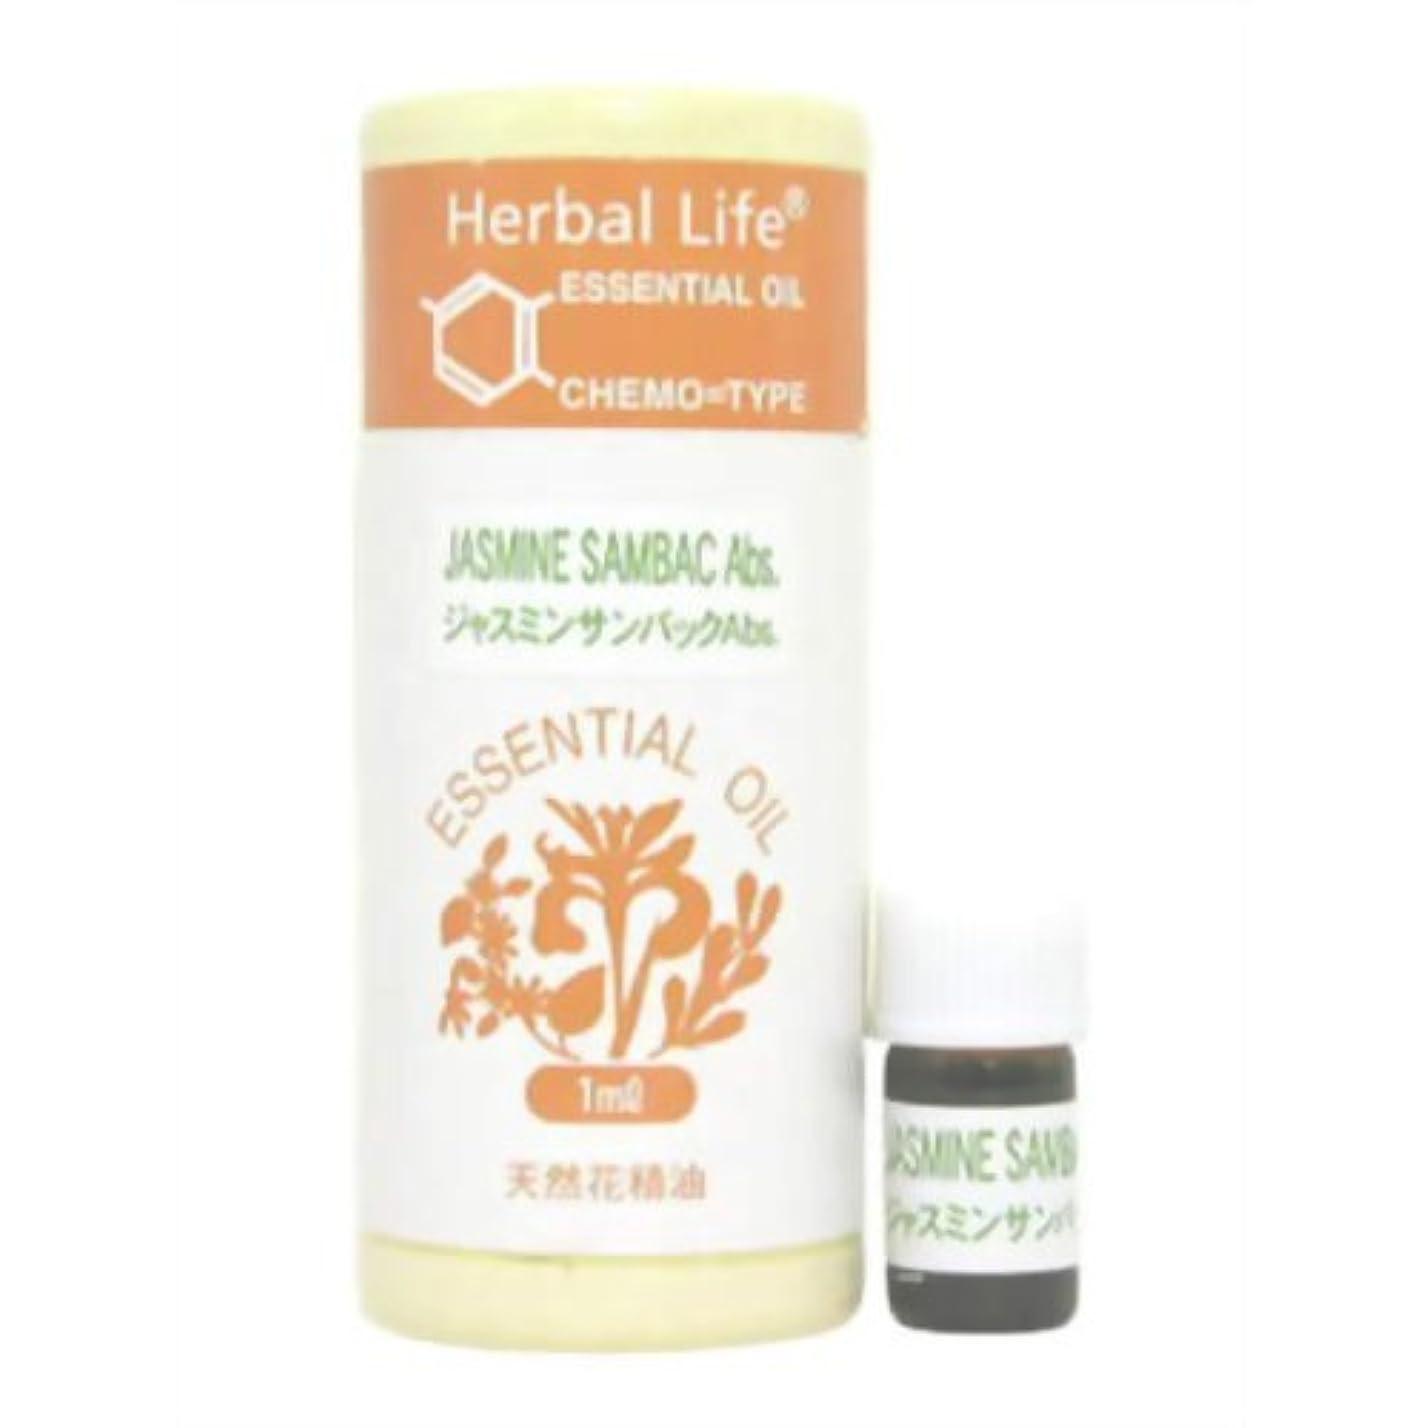 不平を言う委任する酸化物生活の木 Herbal Life ジャスミンサンバックAbs 1ml